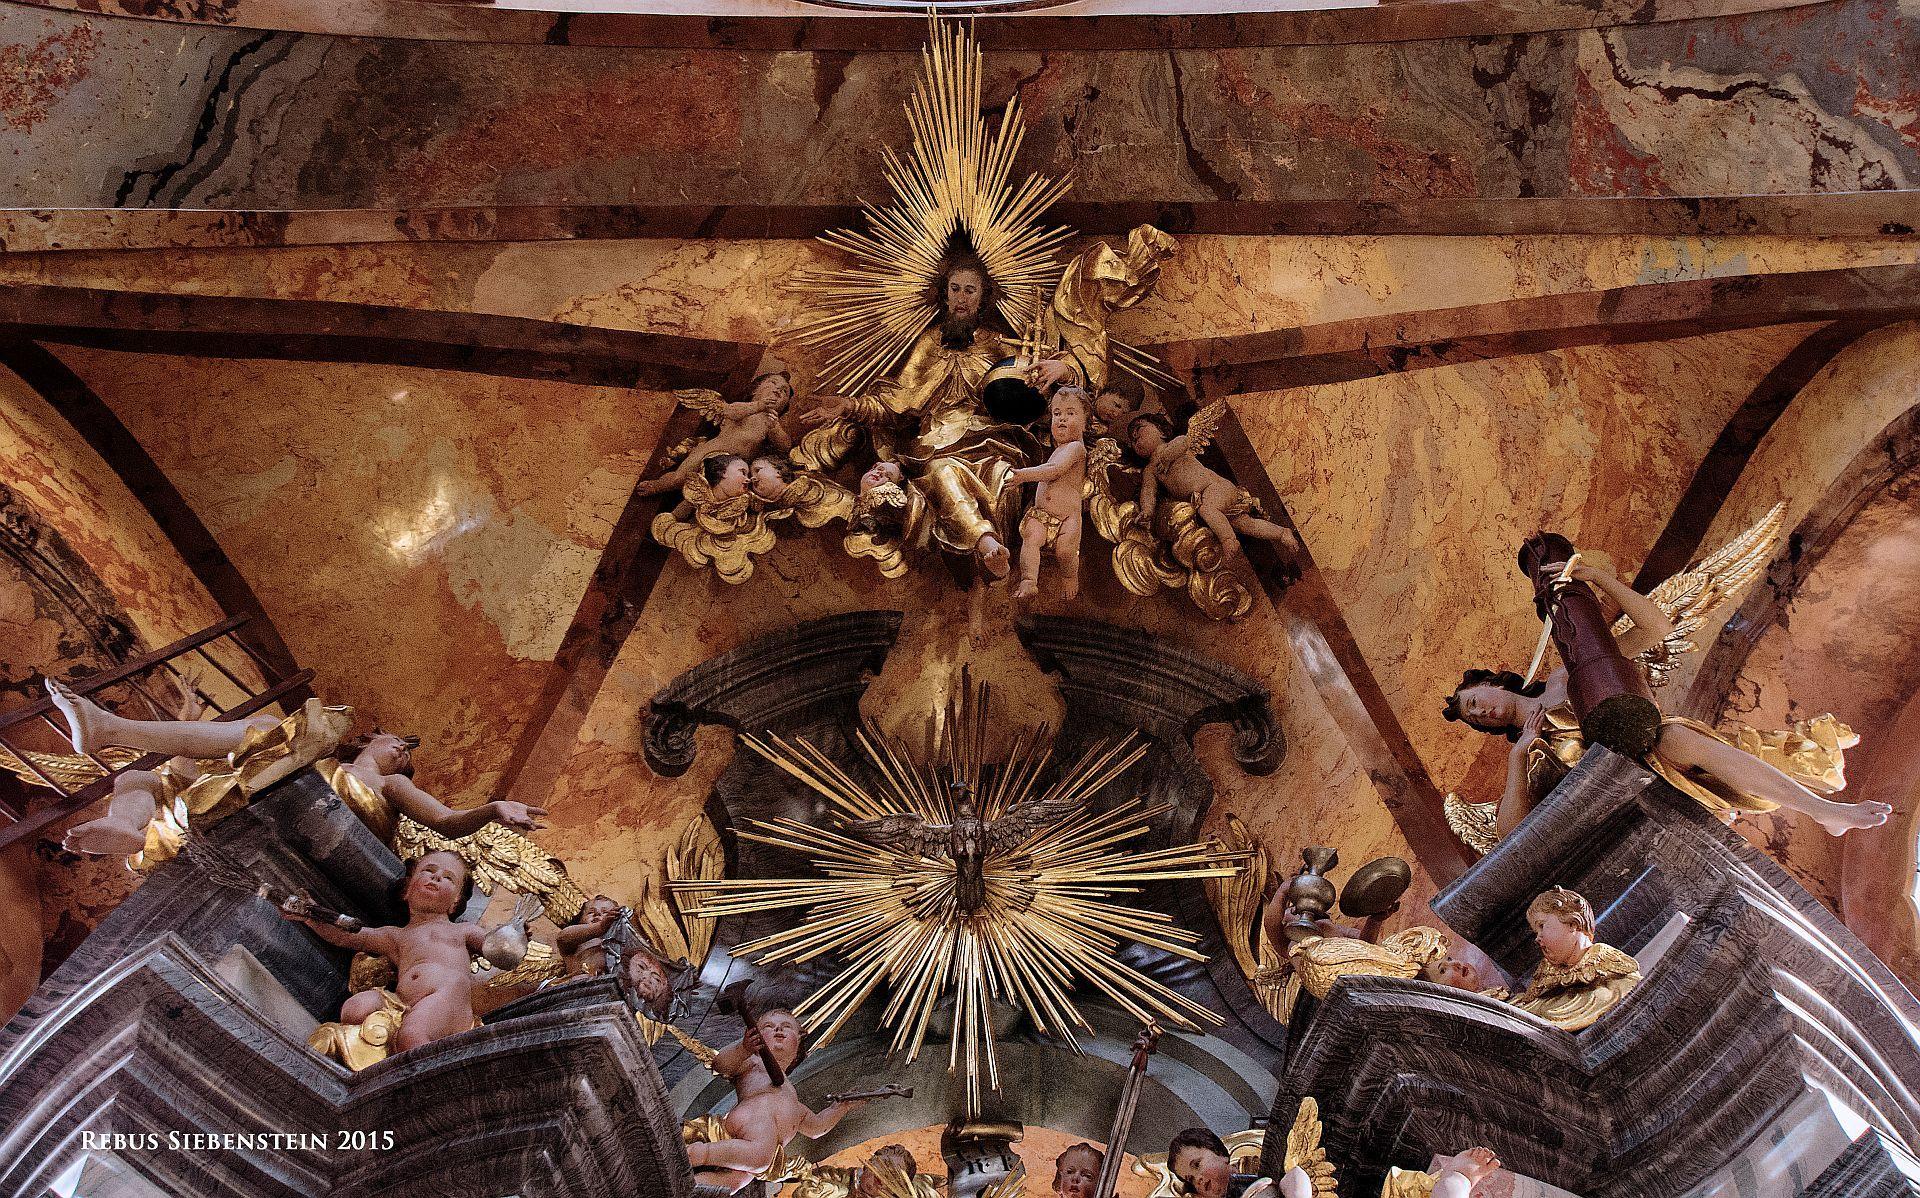 #DE #Neuzelle #Kloster #EvangelischePfarrkirche #ZumHeiligenKreuz #GottvaterundHeiligerGeistüberdemAltar